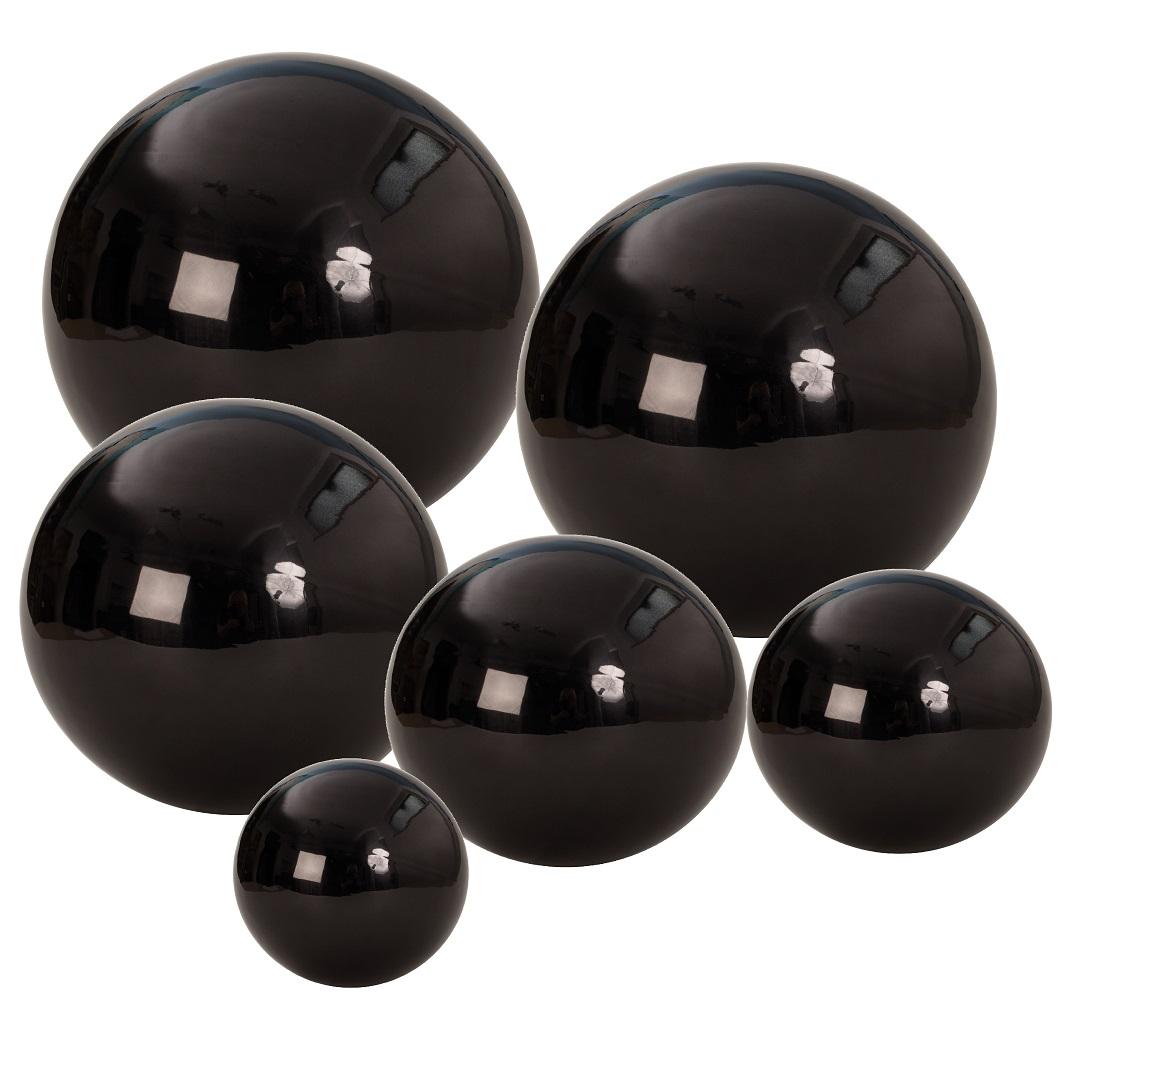 Dekokugel aus edelstahl ca 15cm gro schwarz kugel for Weihnachtsdeko schwarz